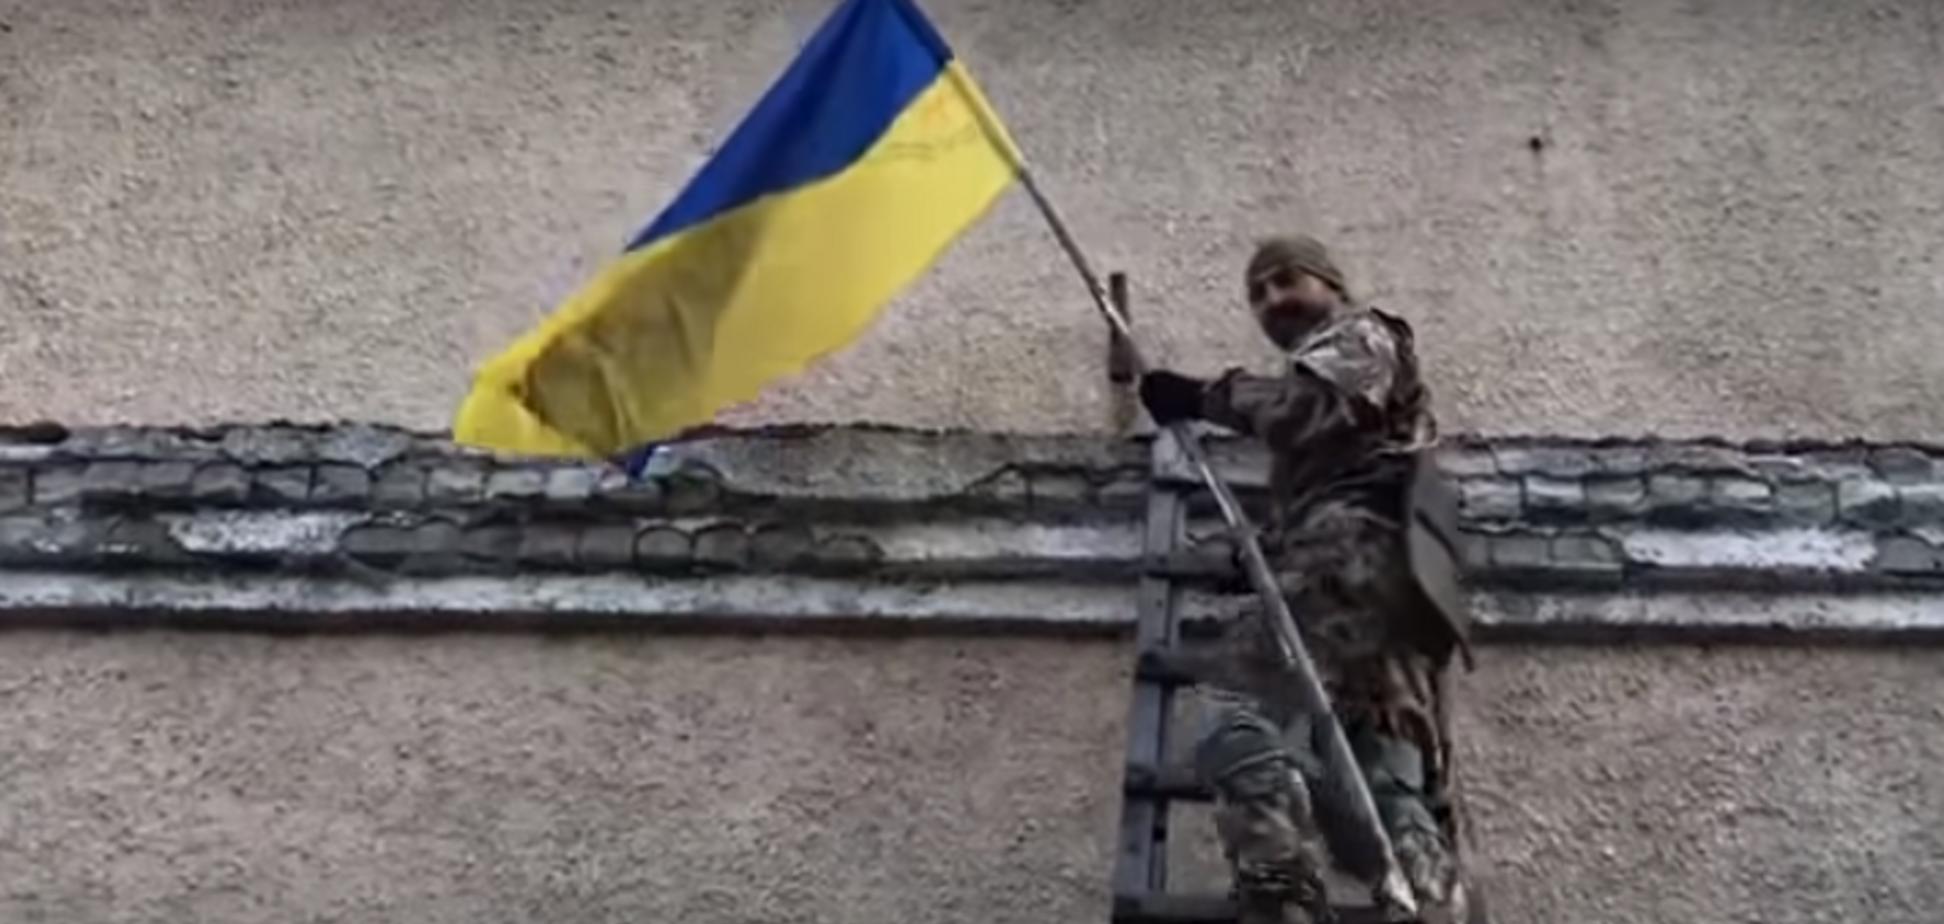 Об'єднані сили повернули Україні селище на Донбасі: з'явилося знакове відео